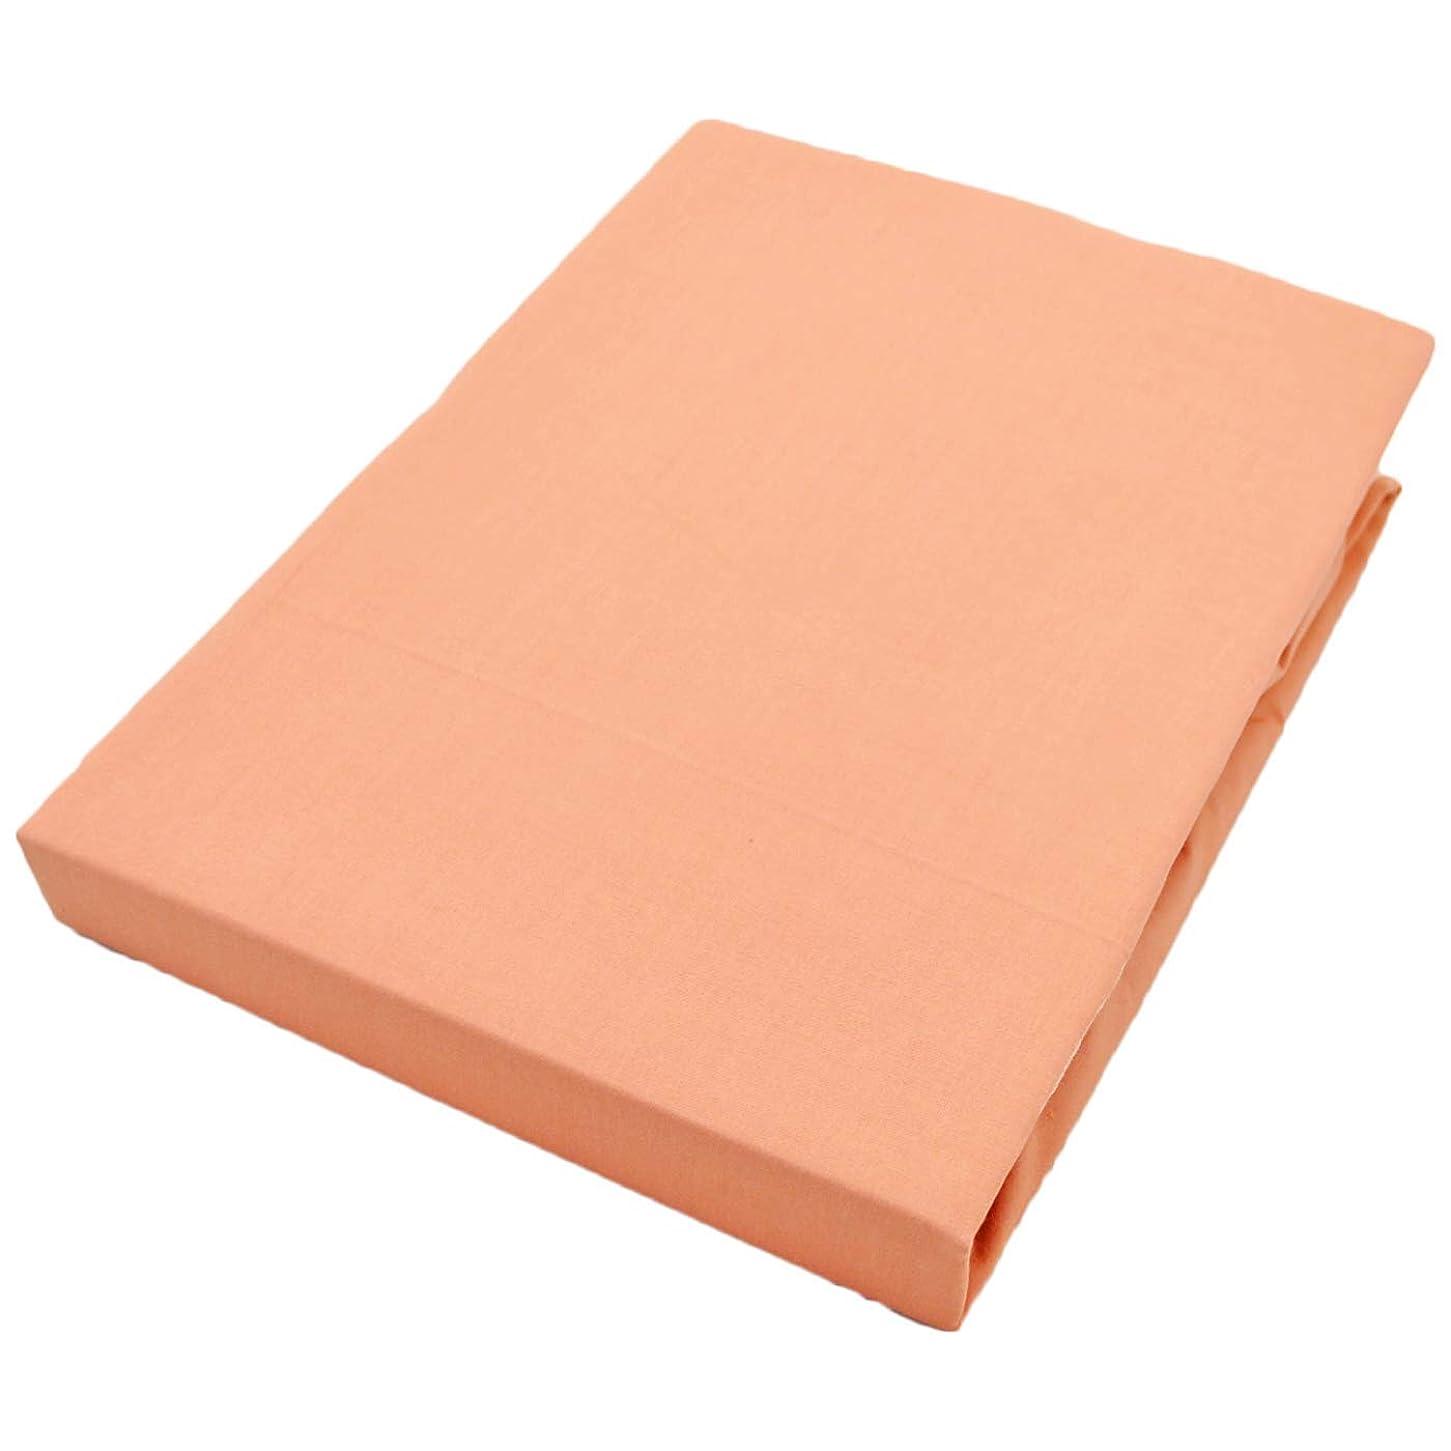 そのネブ管理するボックスシーツ シングル 綿100% 日本製 100X200X30cm コーラルピンク